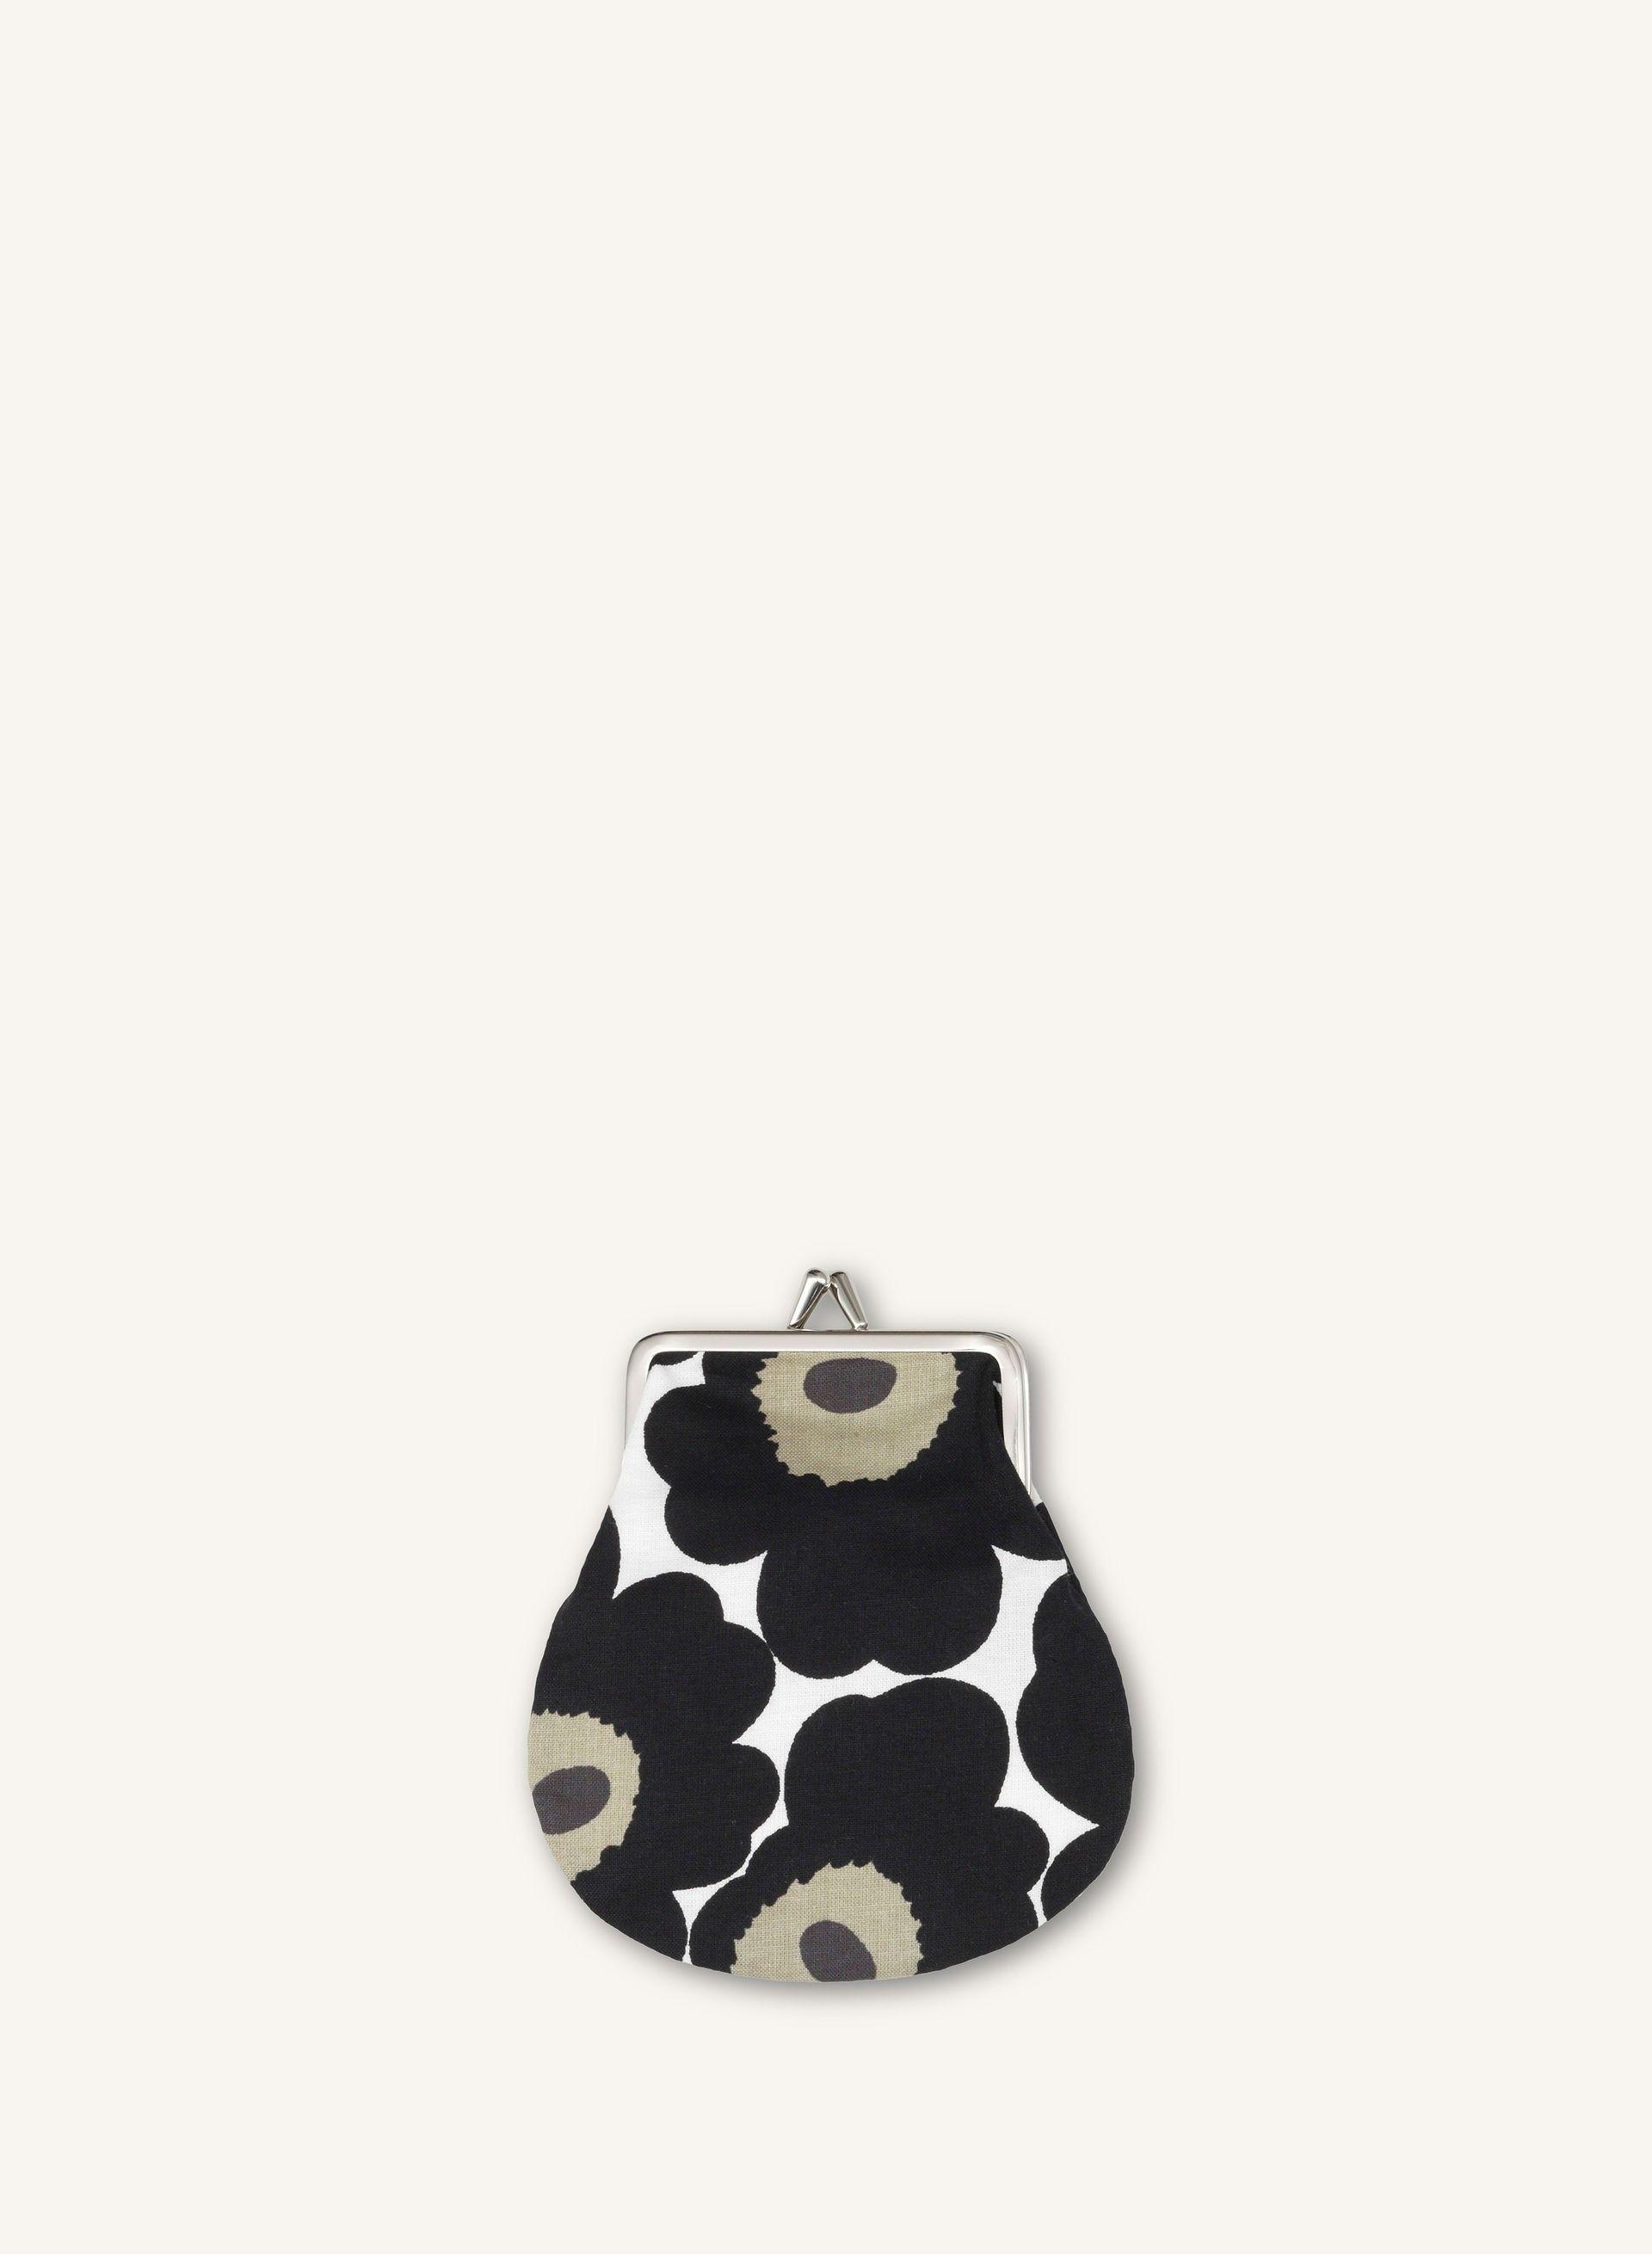 387f1f2c54a4 Mini Unikko small coin purse - white